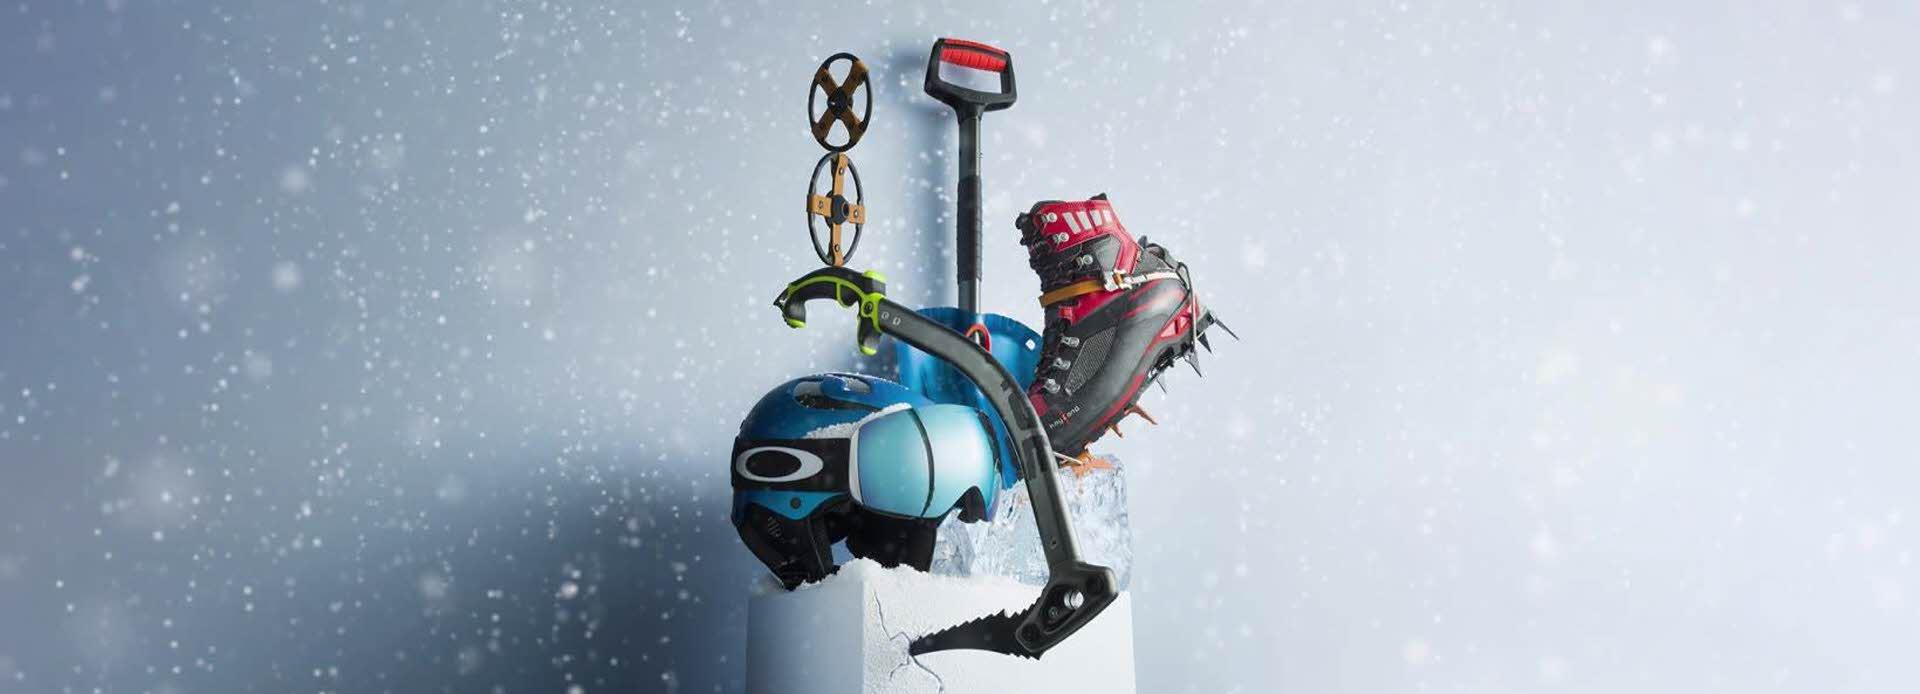 Blåaktig boks med en slålomhjel, slalåmbriller og en ishakke + en vintersko oppå.